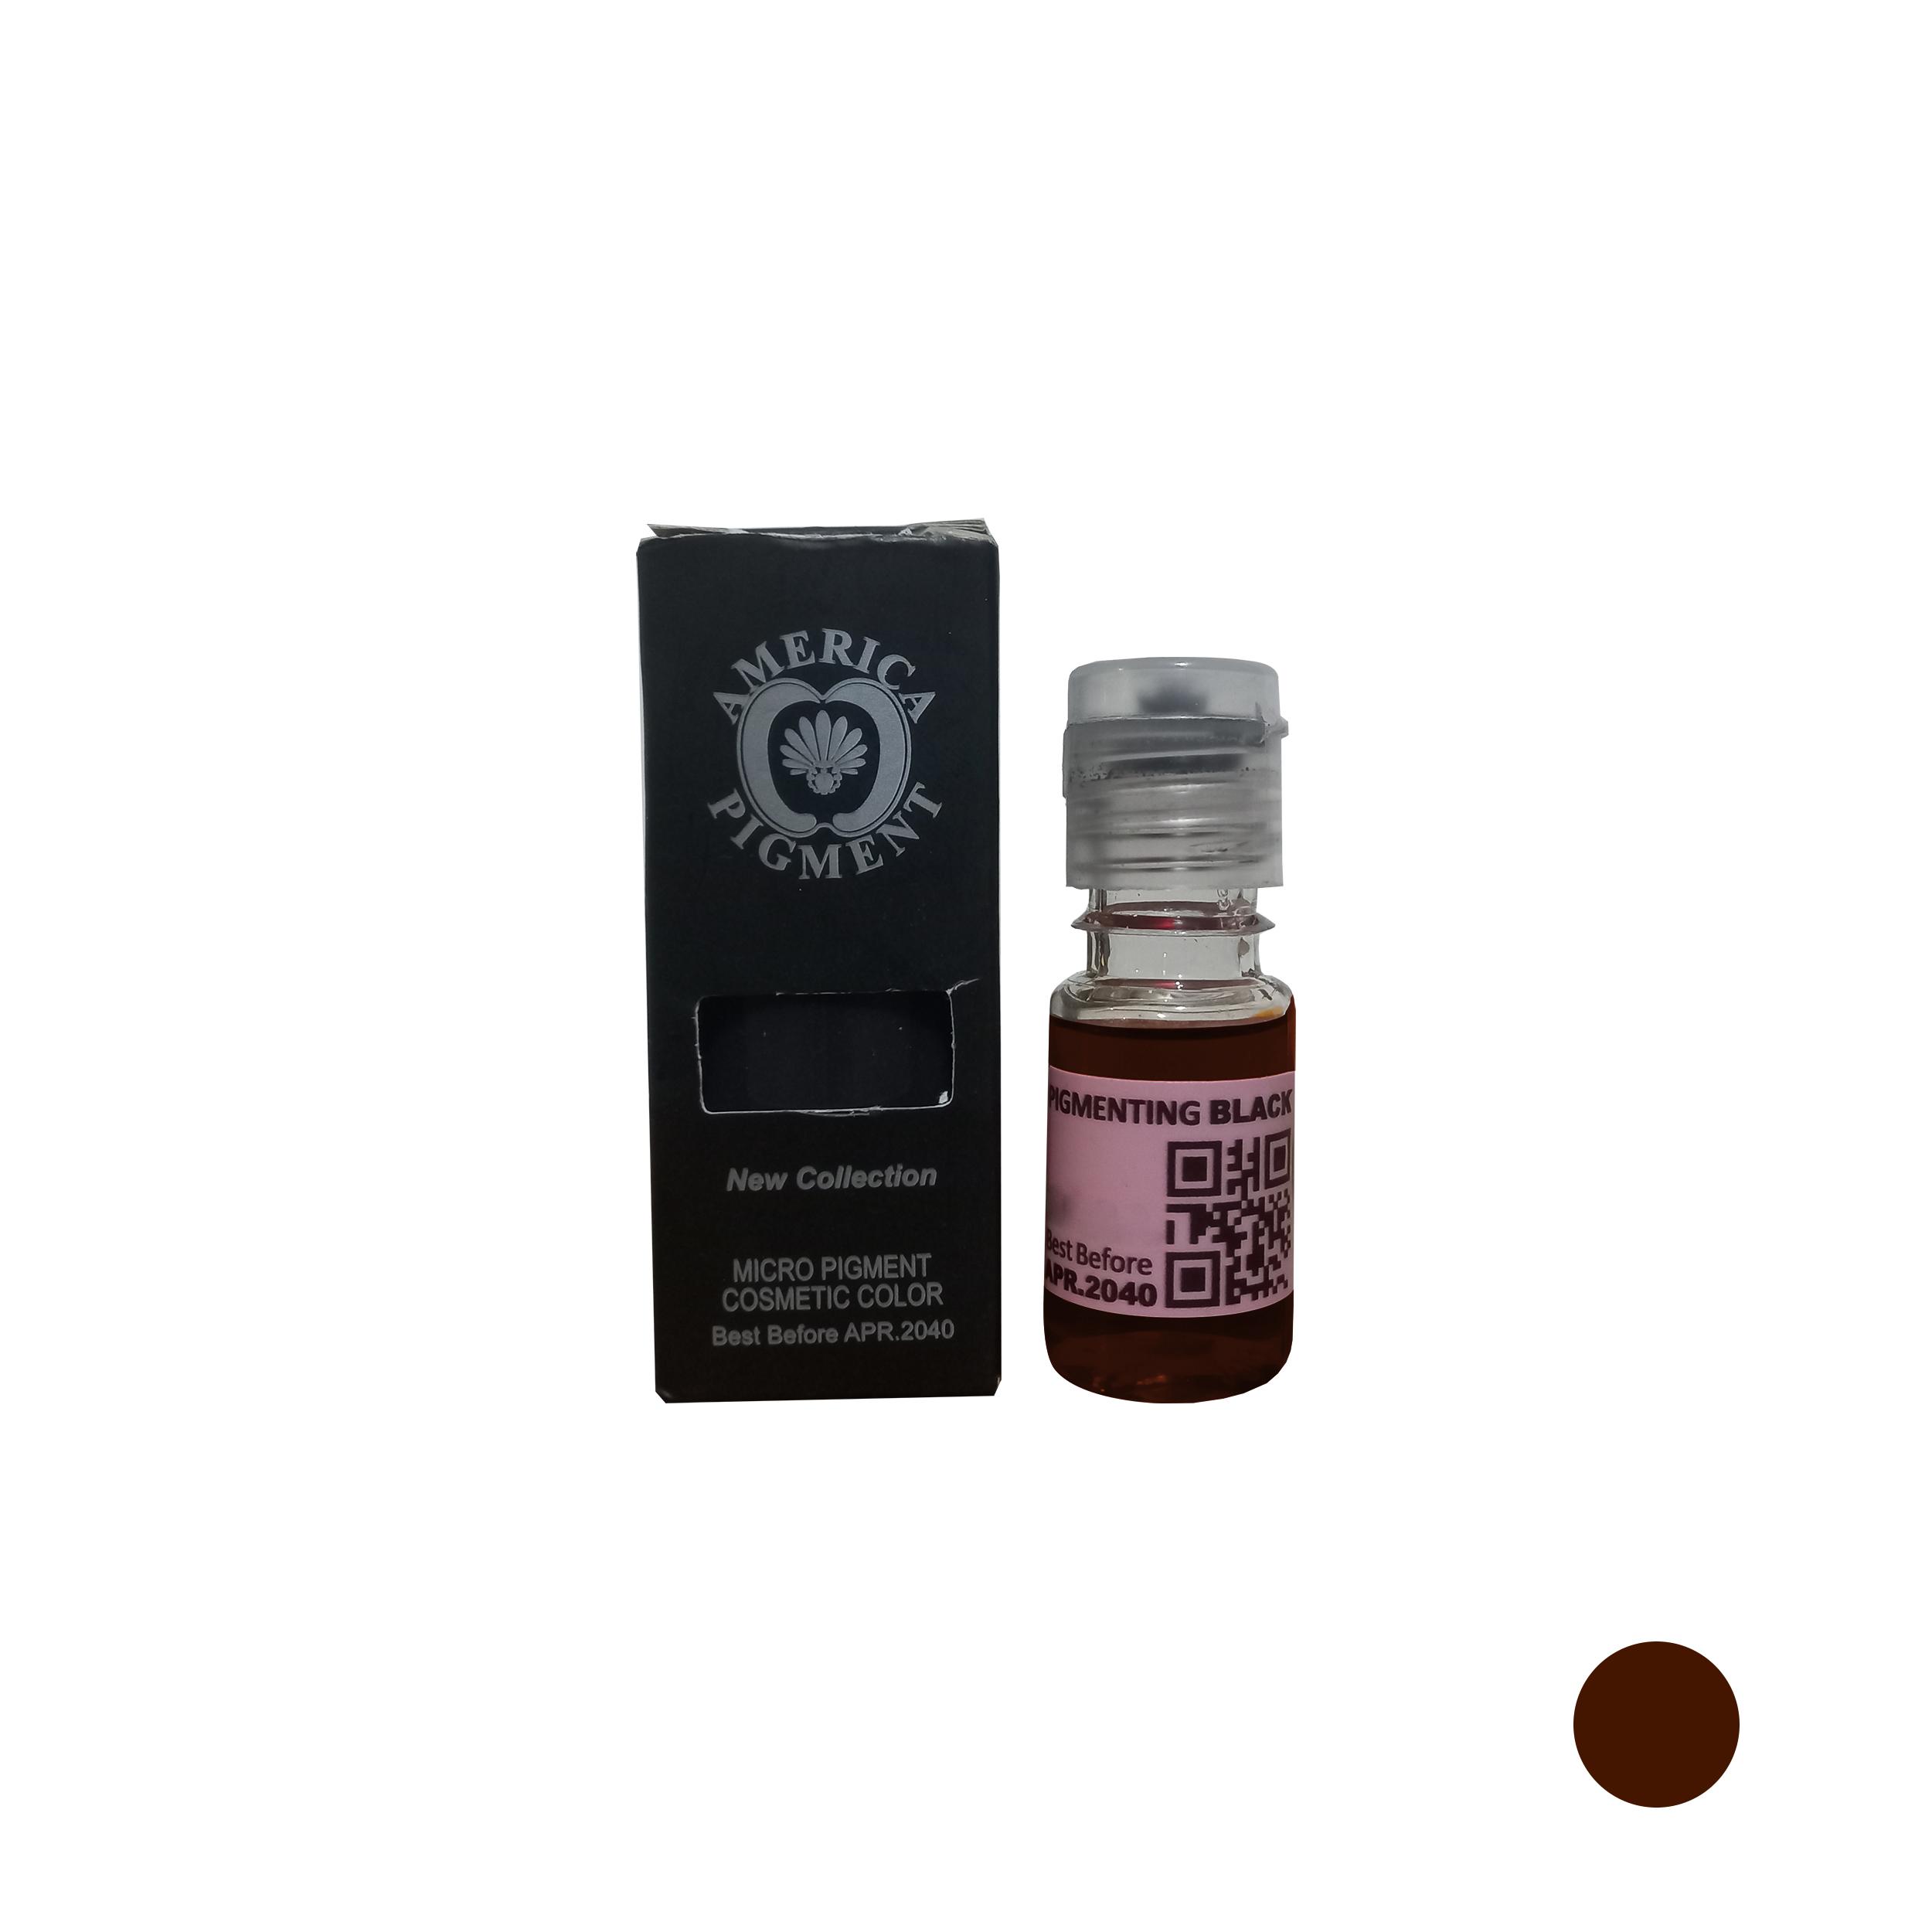 رنگ تتو آمریکاپیگمنت مدل V10 حجم 10 میلی لیتر رنگ قهوه ای تیره